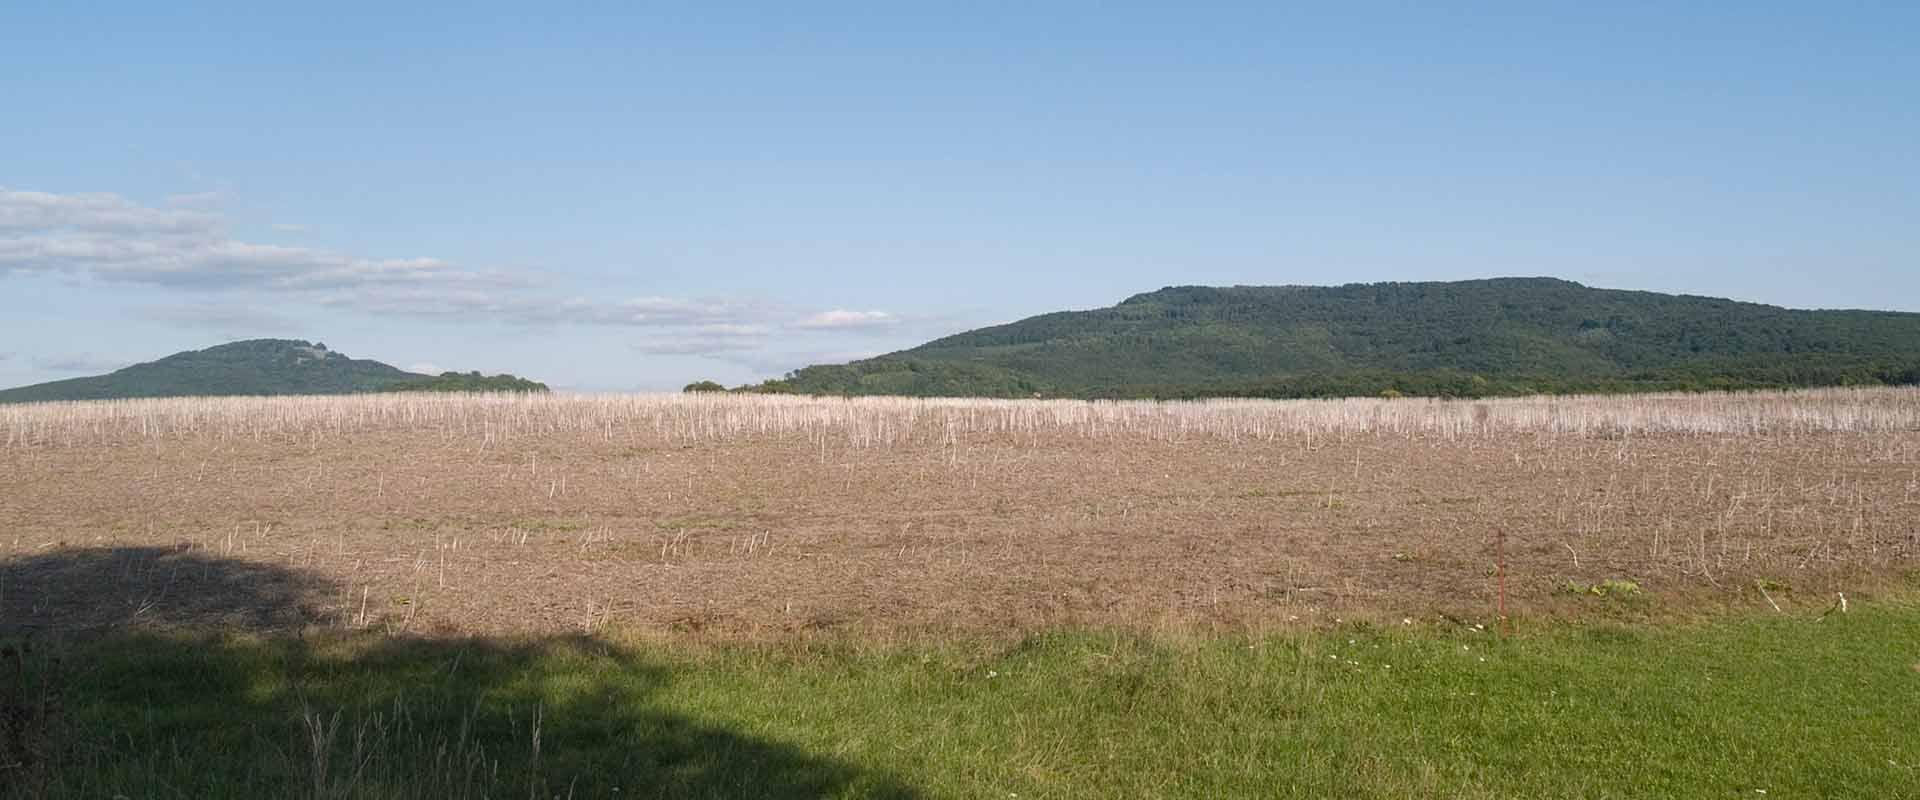 Acker und Hügel in der Nähe der MEDIAN Klinik Römhild